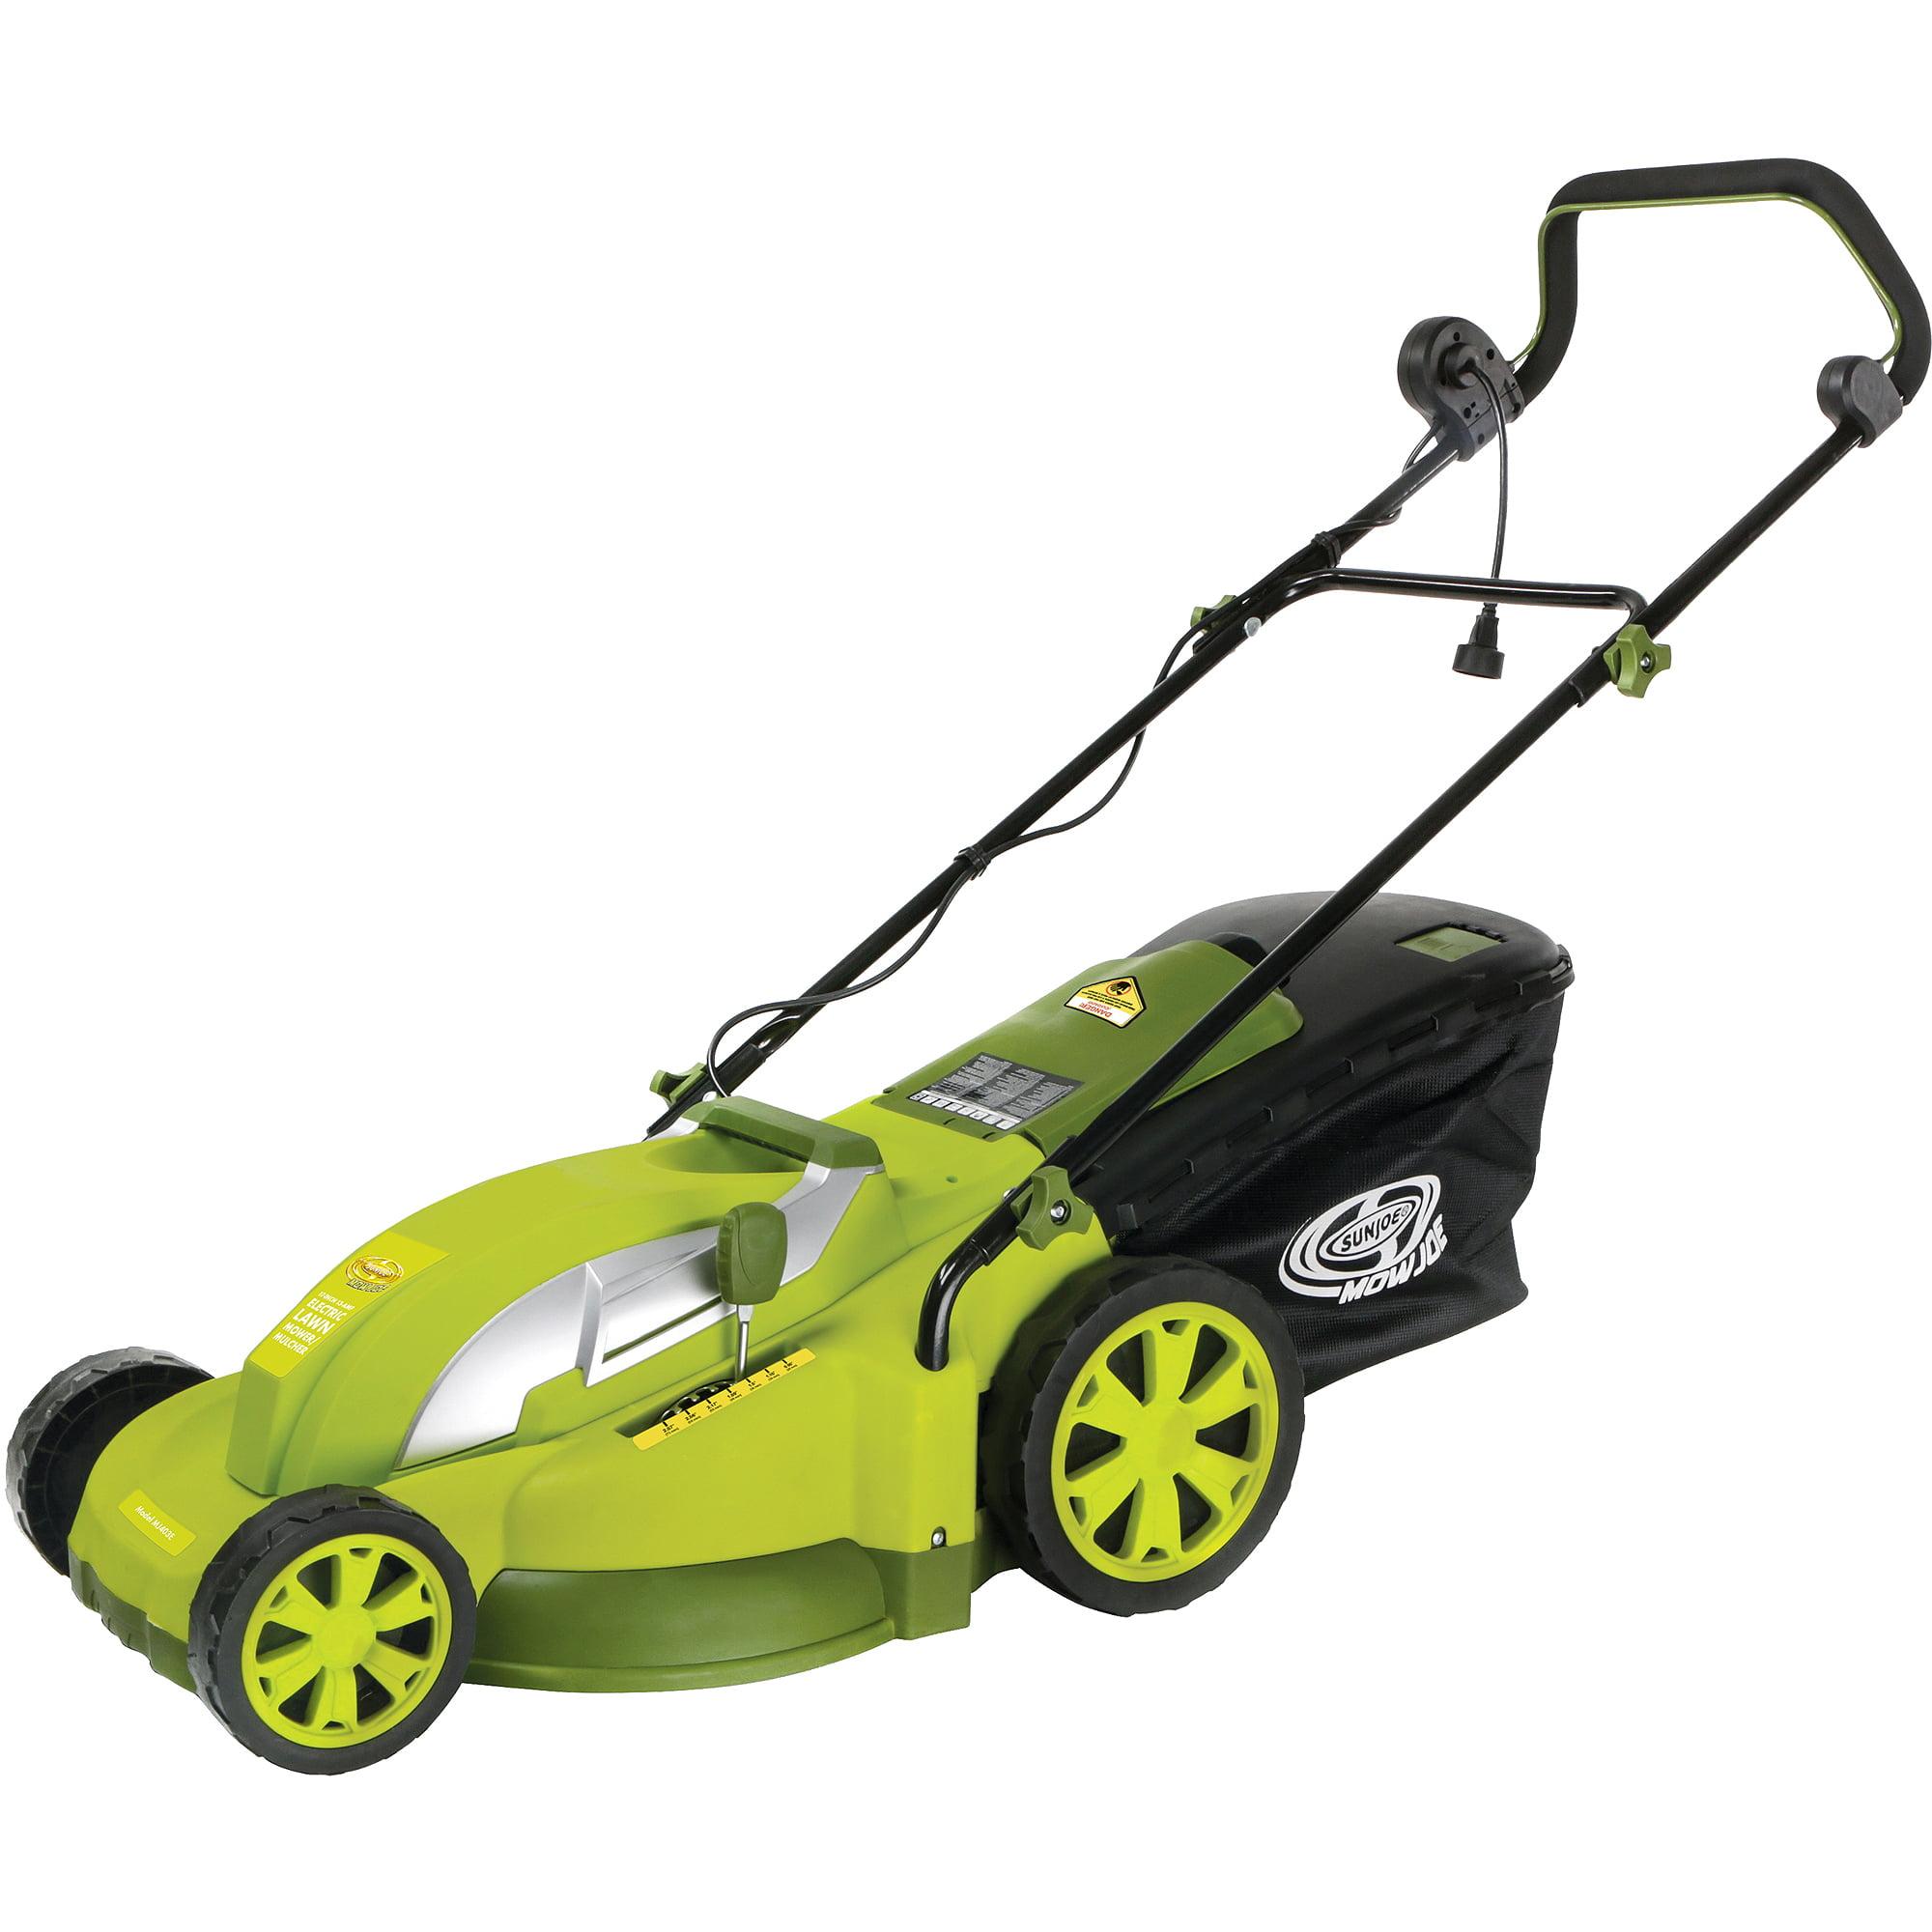 Sun Joe Mow 17 Corded Electric Lawn Mower